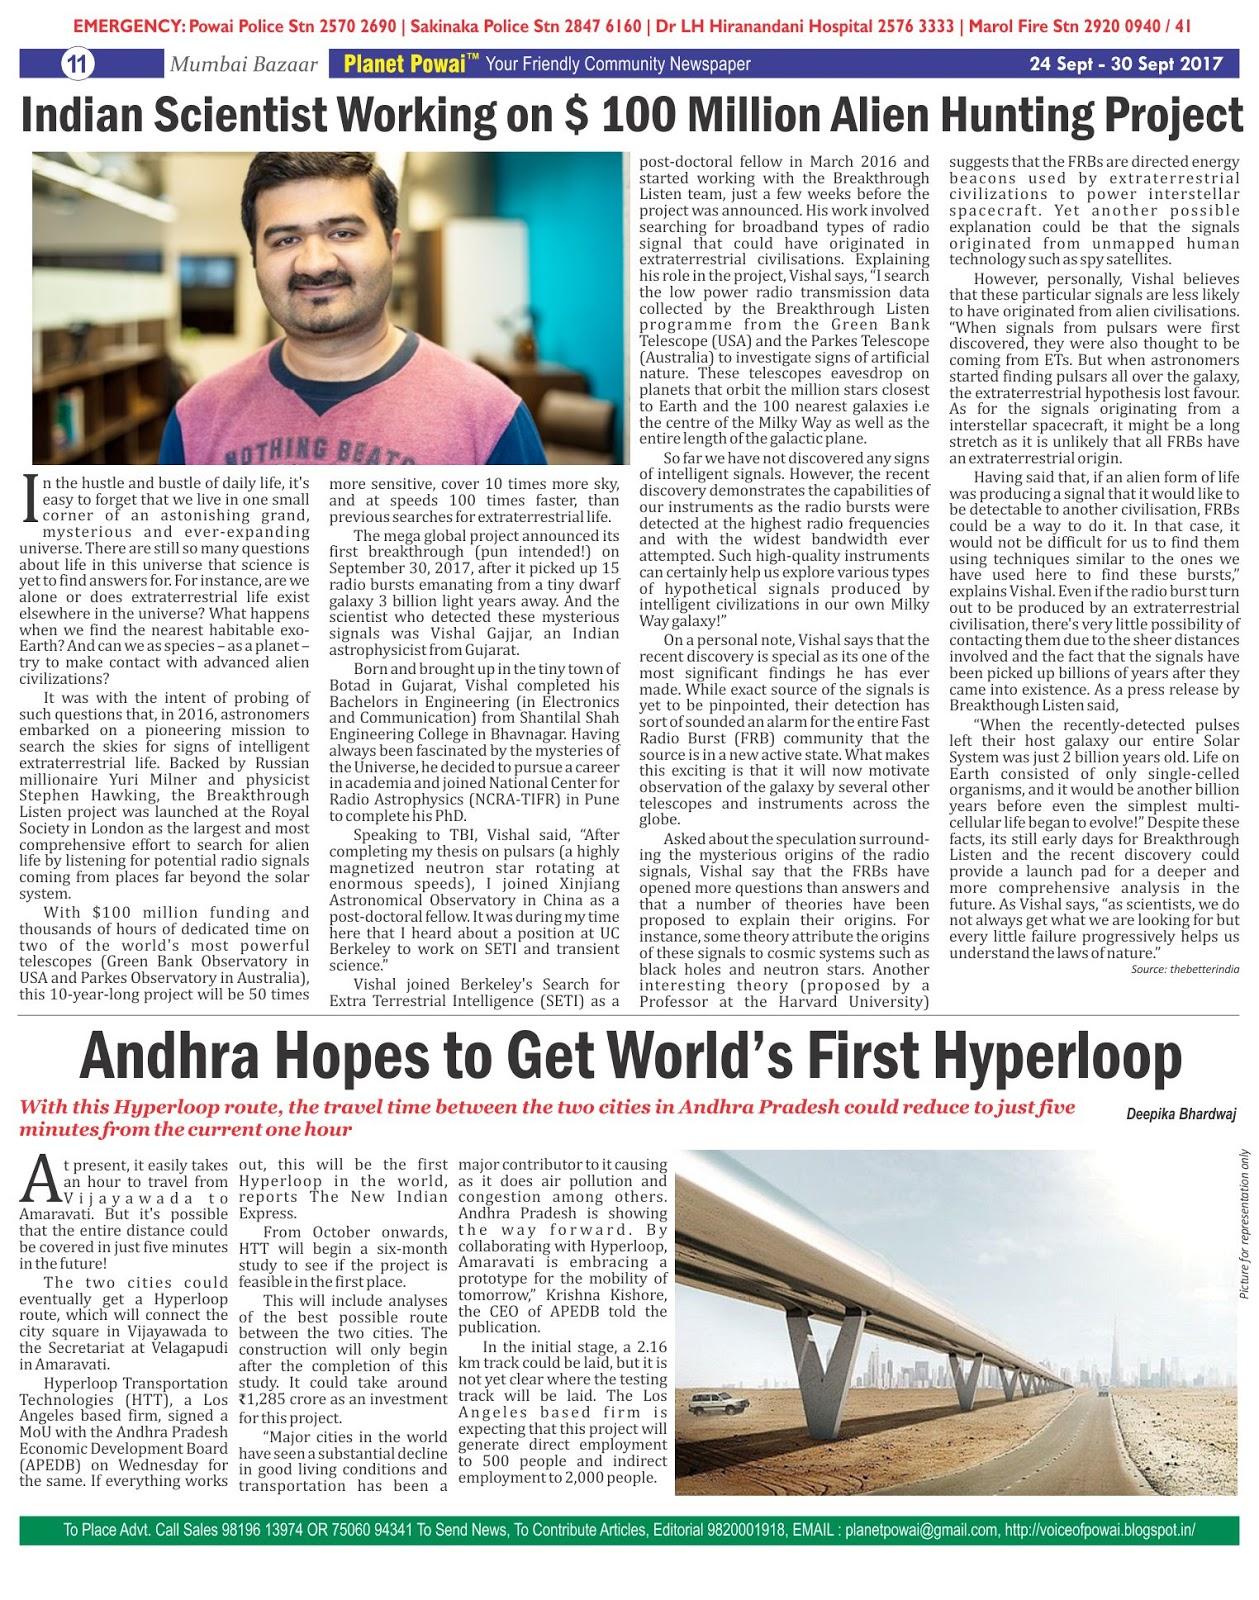 planet powai newspaper: september 2017